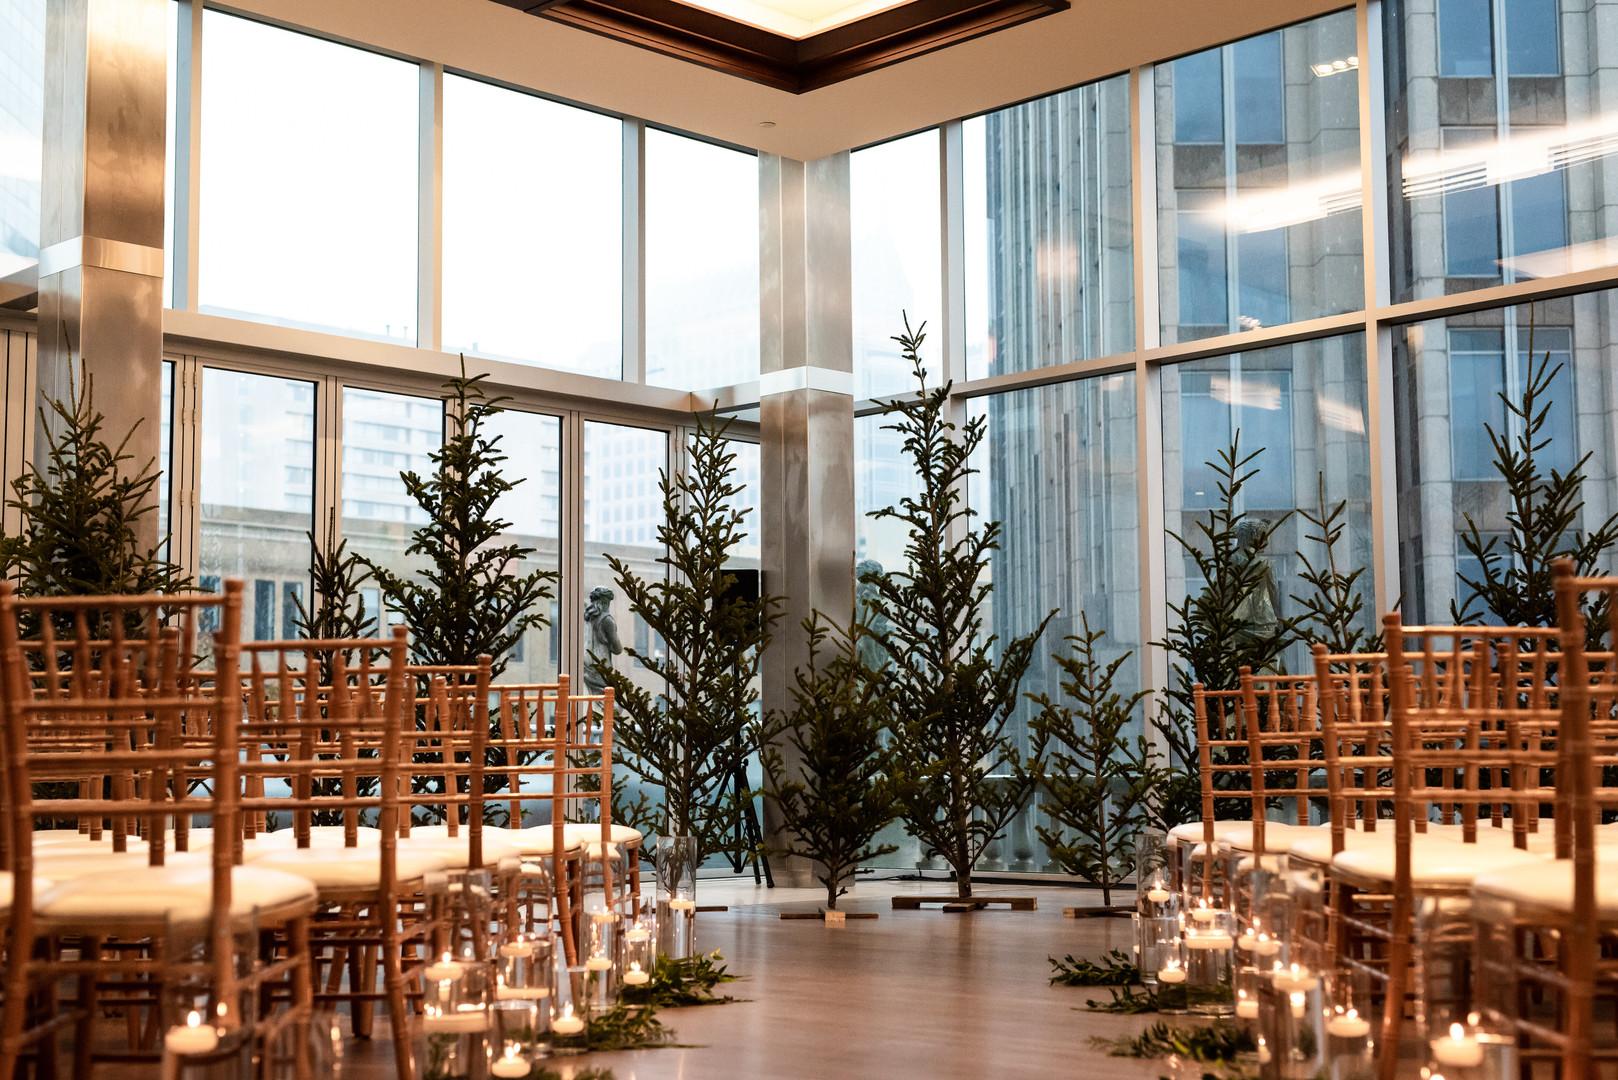 A Romantic Mood at a Winter Wedding